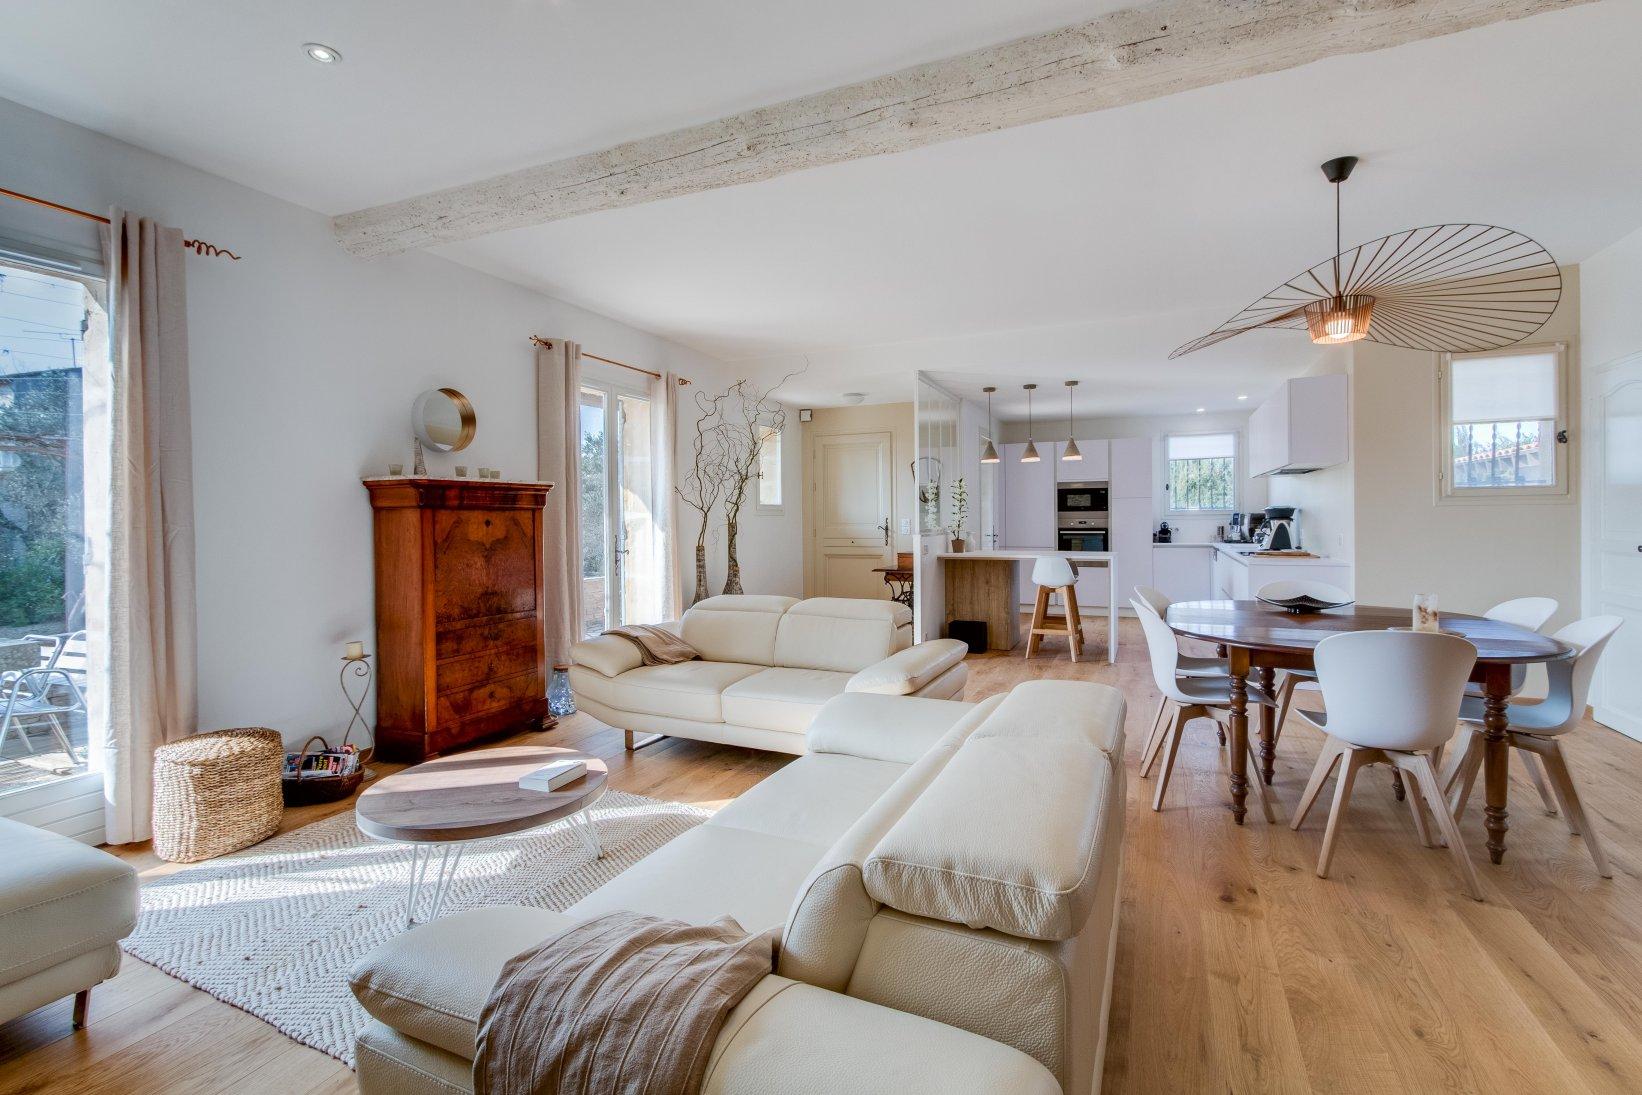 R novation agencement am nagement d coration espaces - Amenagement cuisine salon ...